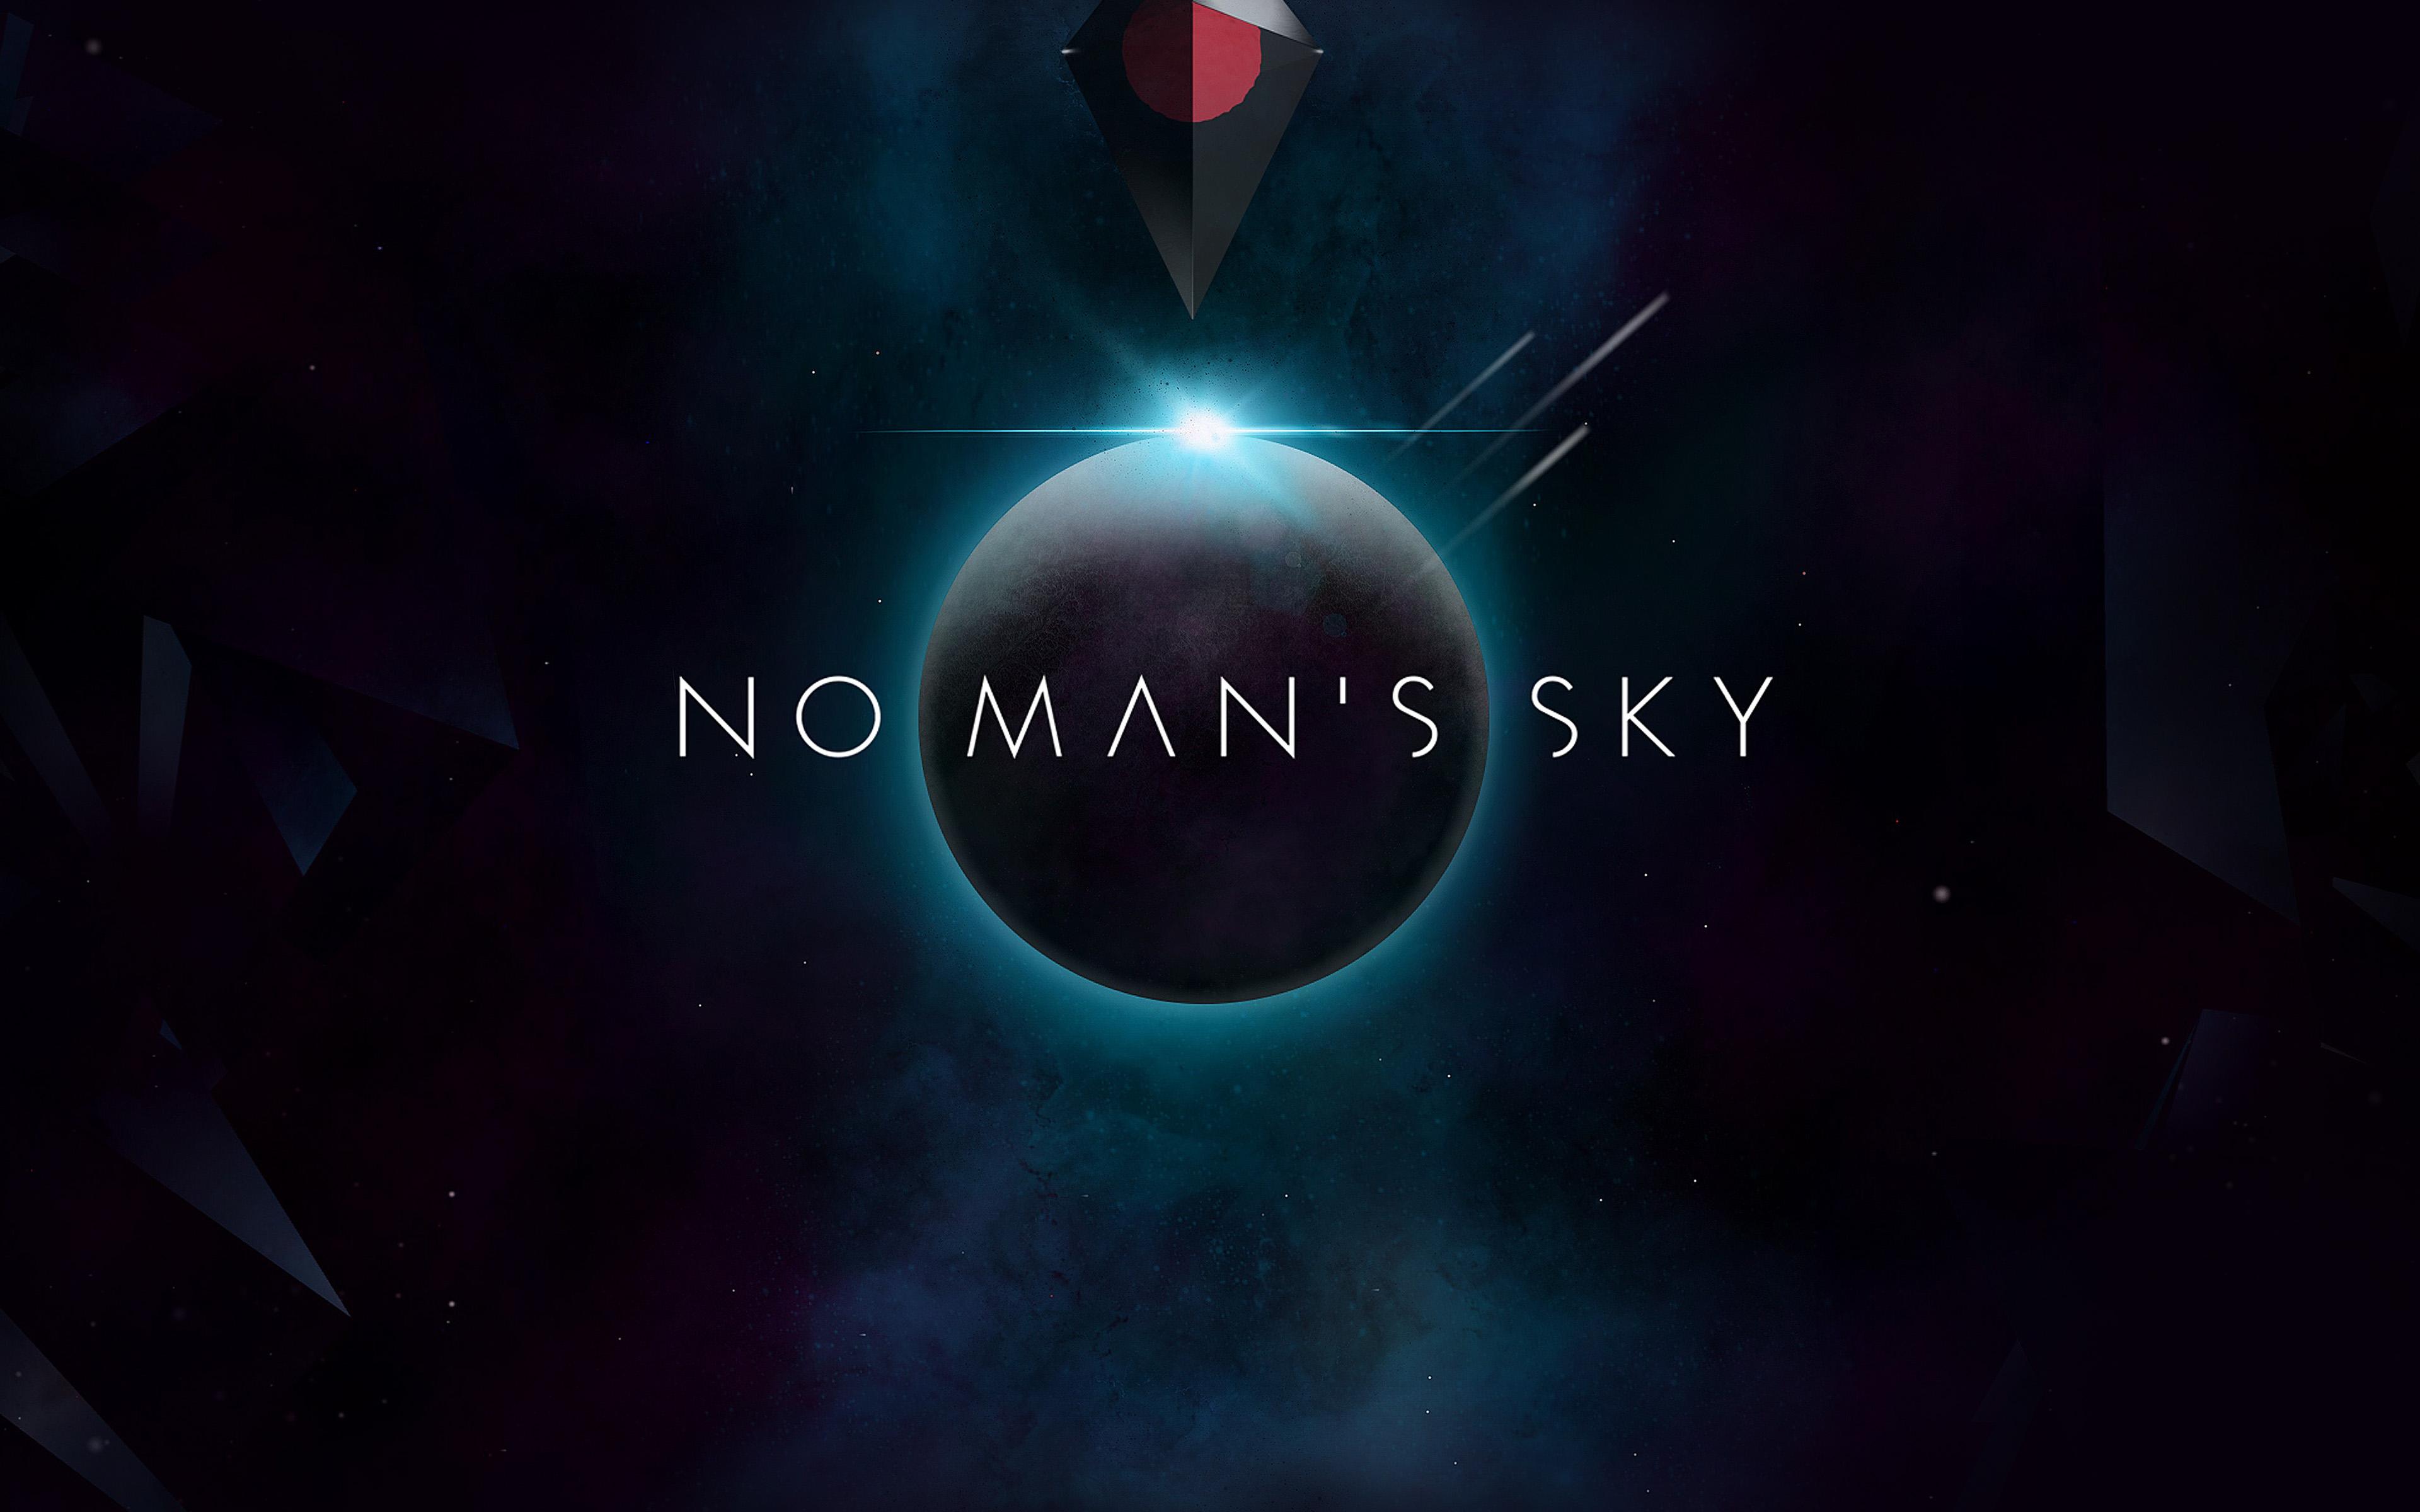 No Man S Sky 4k Wallpaper: 3840 X 2400